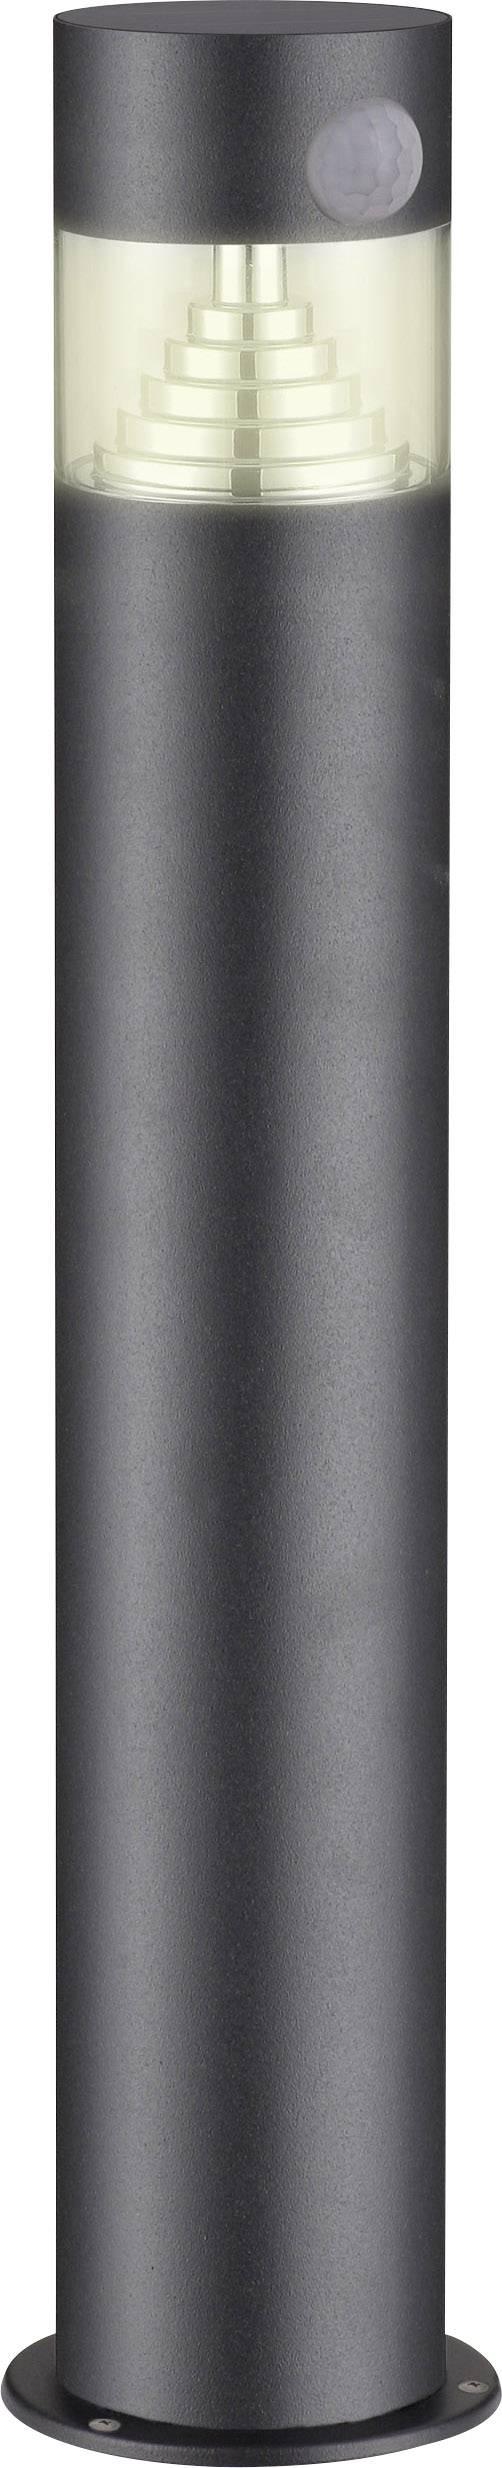 Solární zahradní svítidlo s PIR detektorem Polarlite PL-8228620 DC05PIR teplá bílá, tmavě šedá